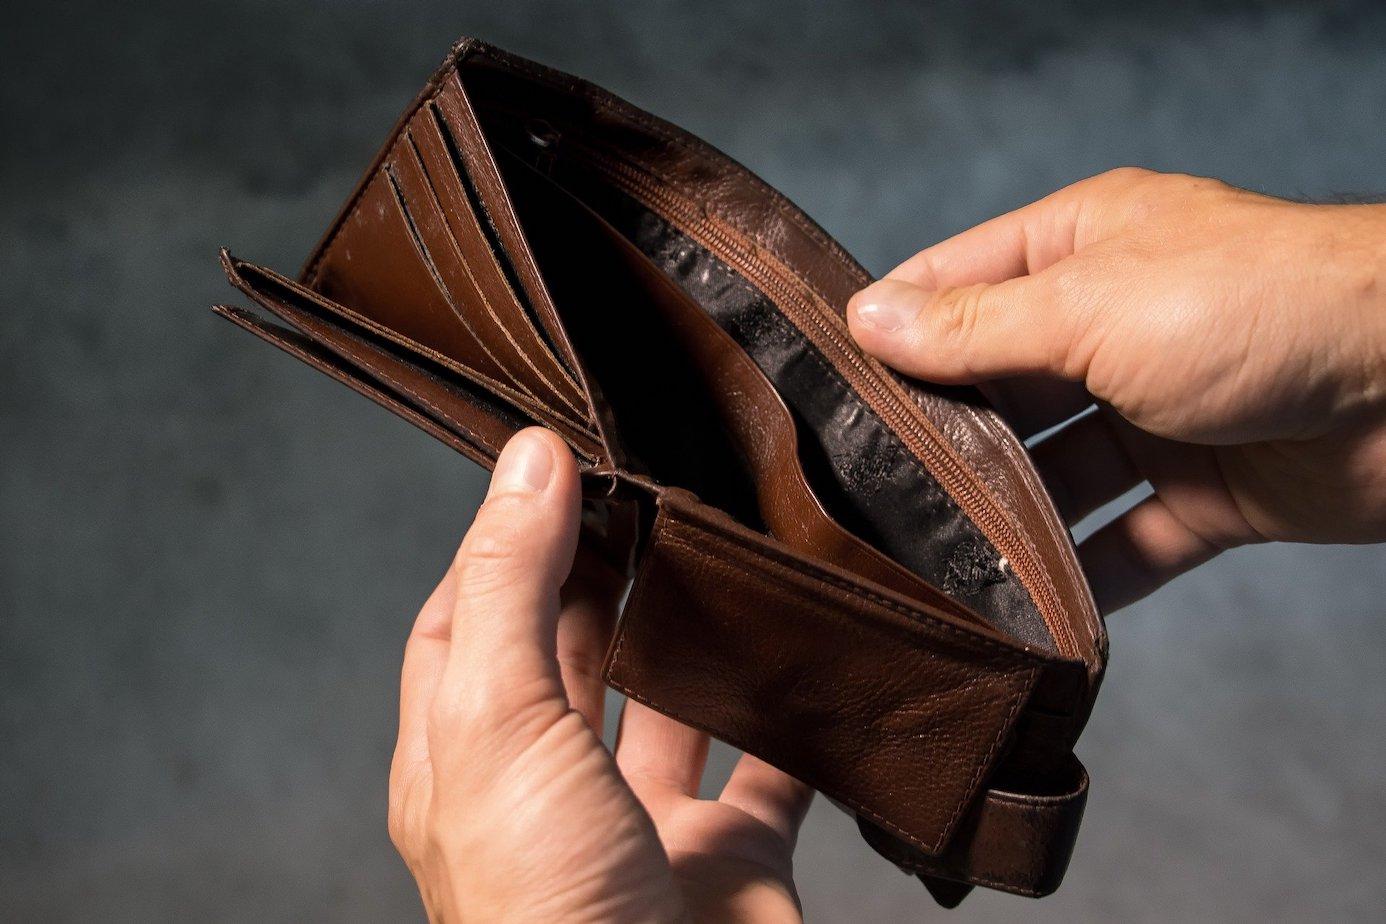 Wer eine Brieftasche oder andere Wertgegenstände findet, ist verpflichtet, diese im Fundbüro oder bei der Polizei abzugeben. Es gelten aber auch Ausnahmen. Foto: Chronomarchie/pixabay.com